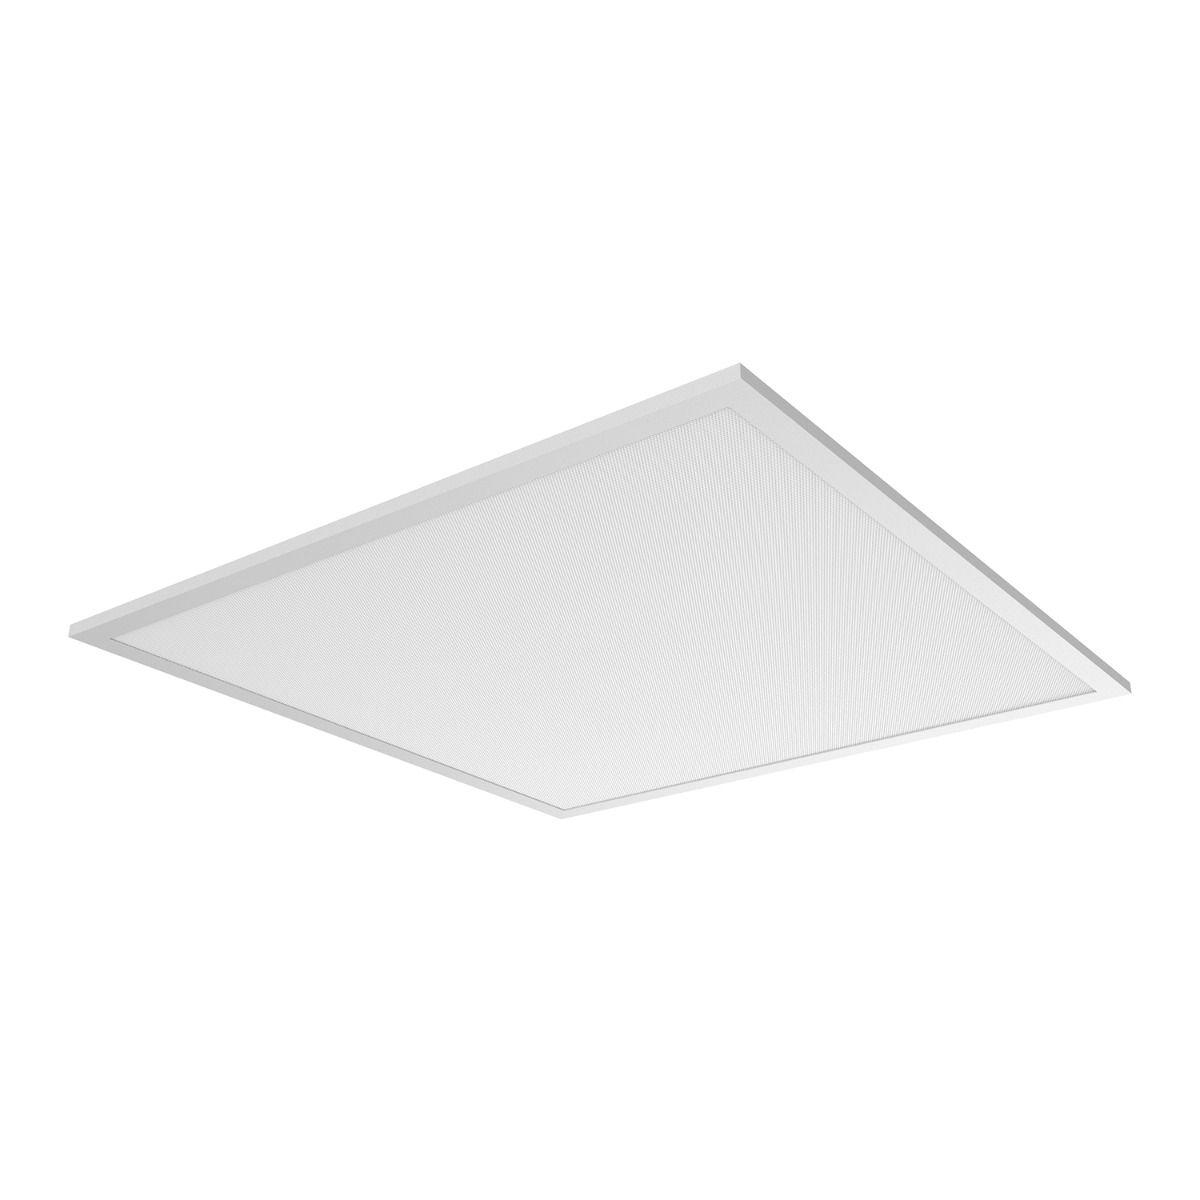 Noxion Panneau LED Delta Pro V3 DALI 30W 4000K 4070lm 60x60cm UGR <22 | Blanc Froid - Équivalent 4x18W